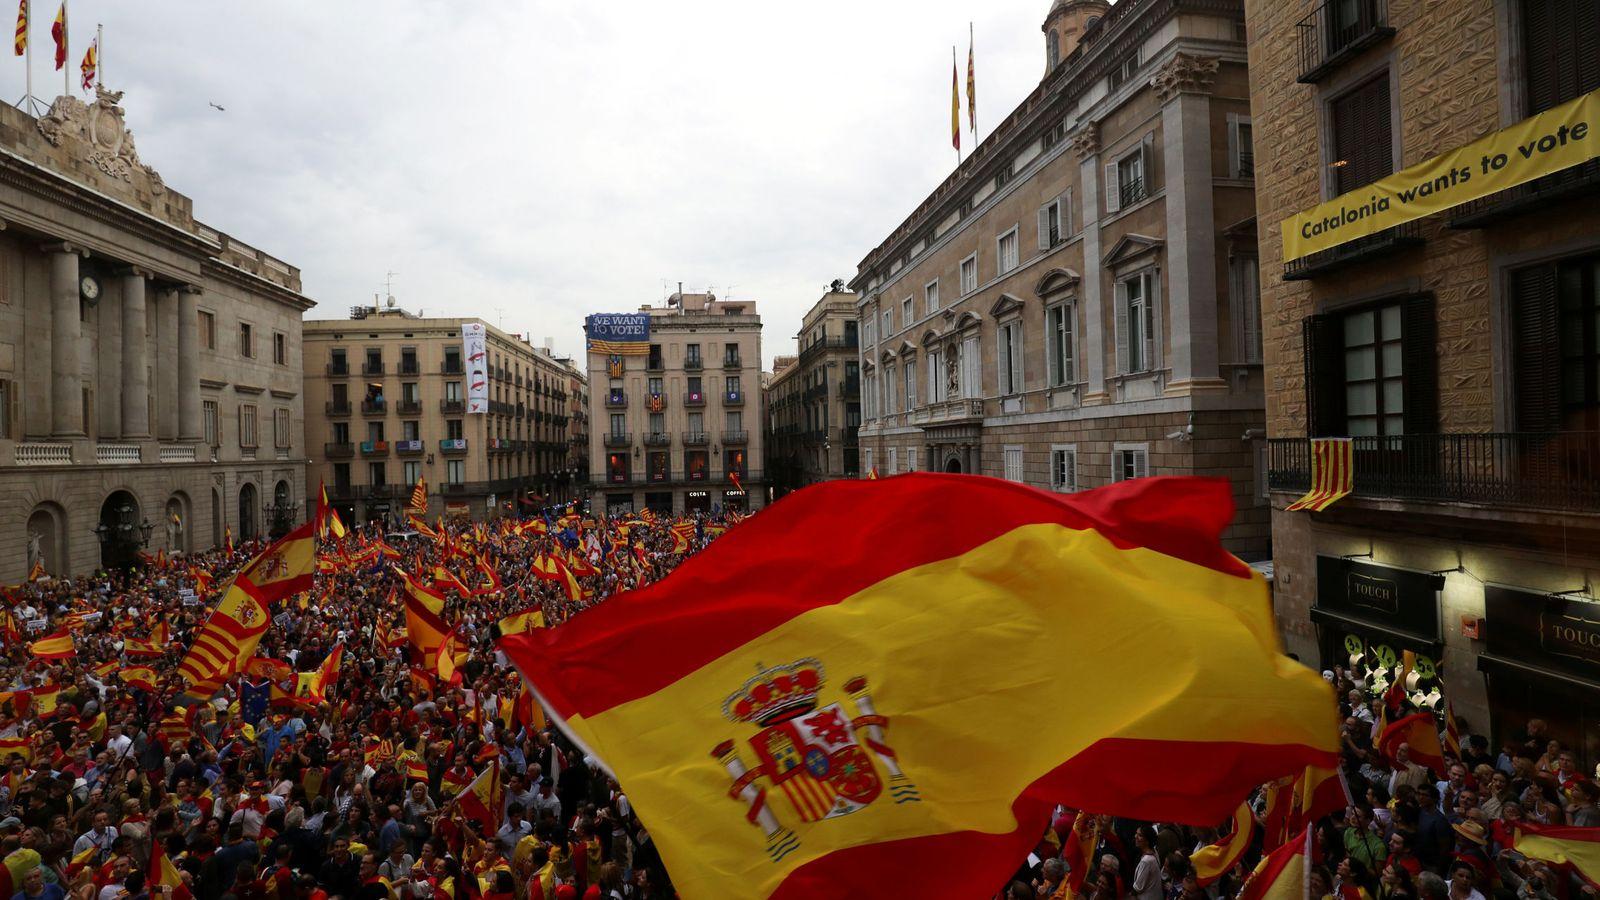 SCC|Els carrers són de tots El-dia-en-que-la-plaza-sant-jaume-coreo-viva-espana